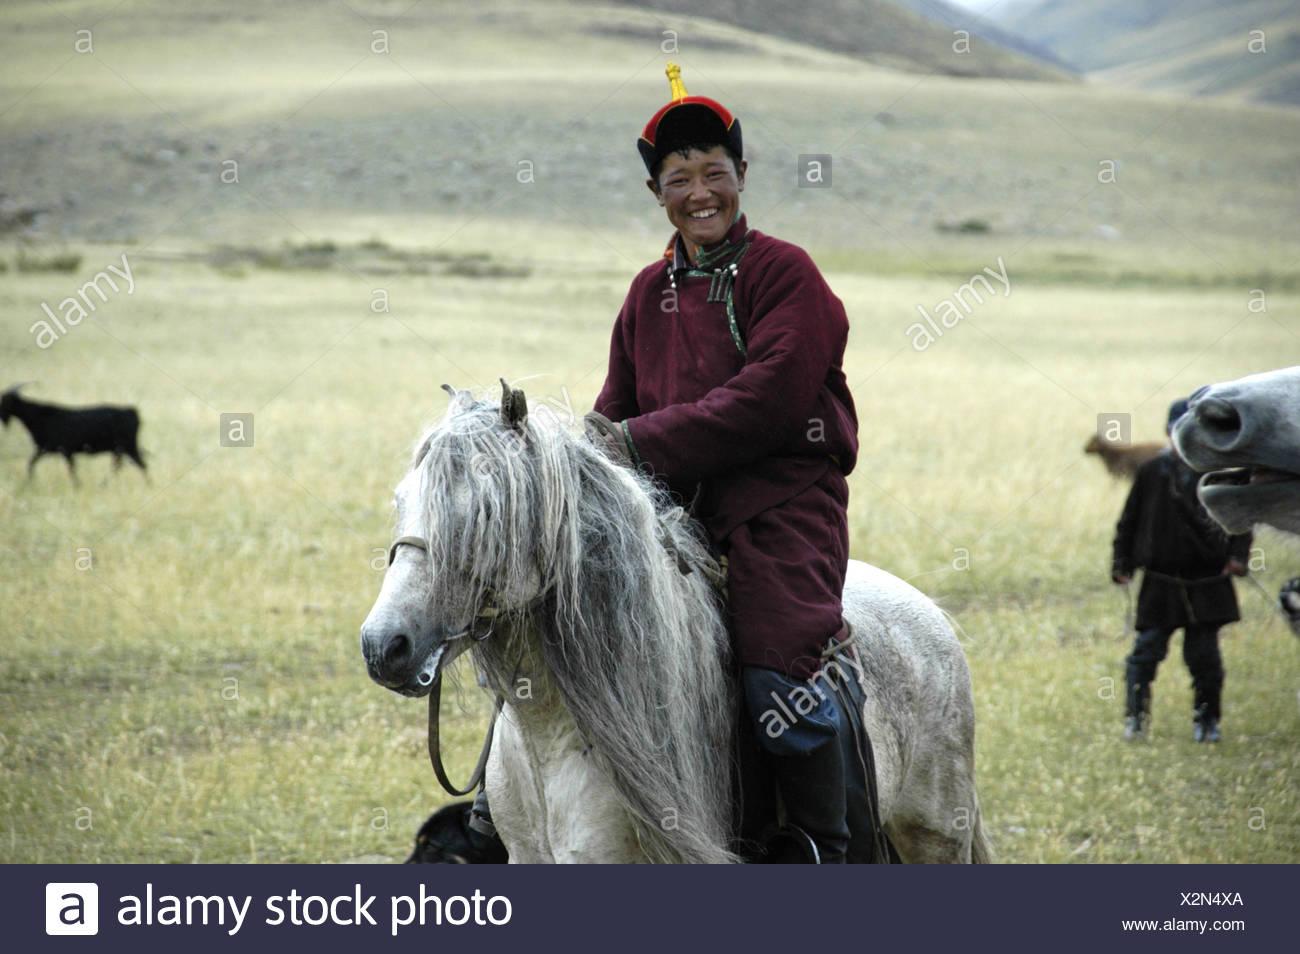 moda scarpe casual scarpe originali Nomads pastorello vestito in tradizionale cappotto e cappello è in ...